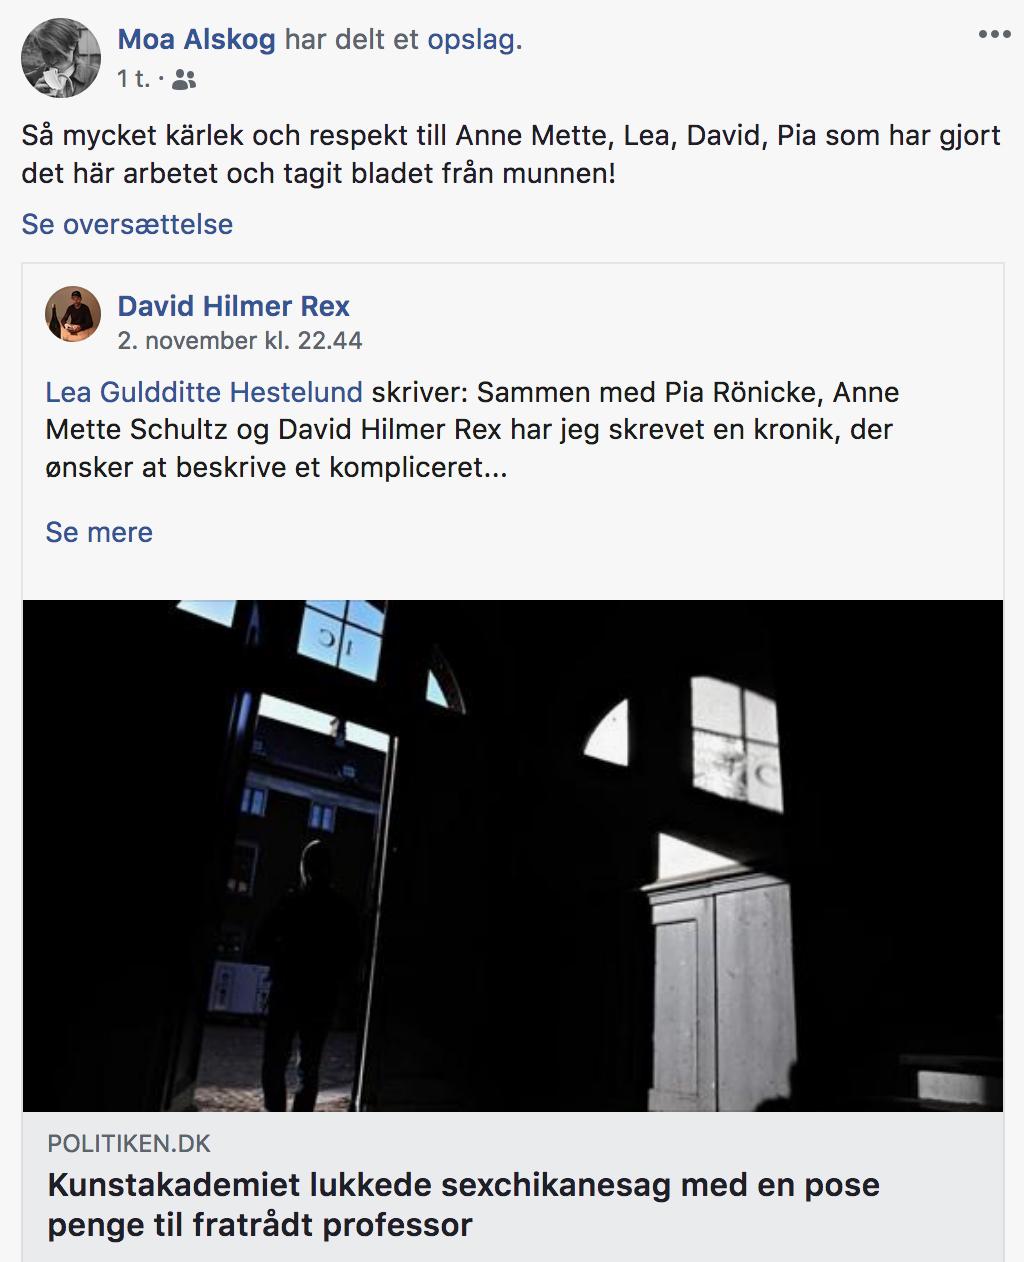 Moa Skærmbillede 2018-11-04 kl. 13.33.05-1.jpg